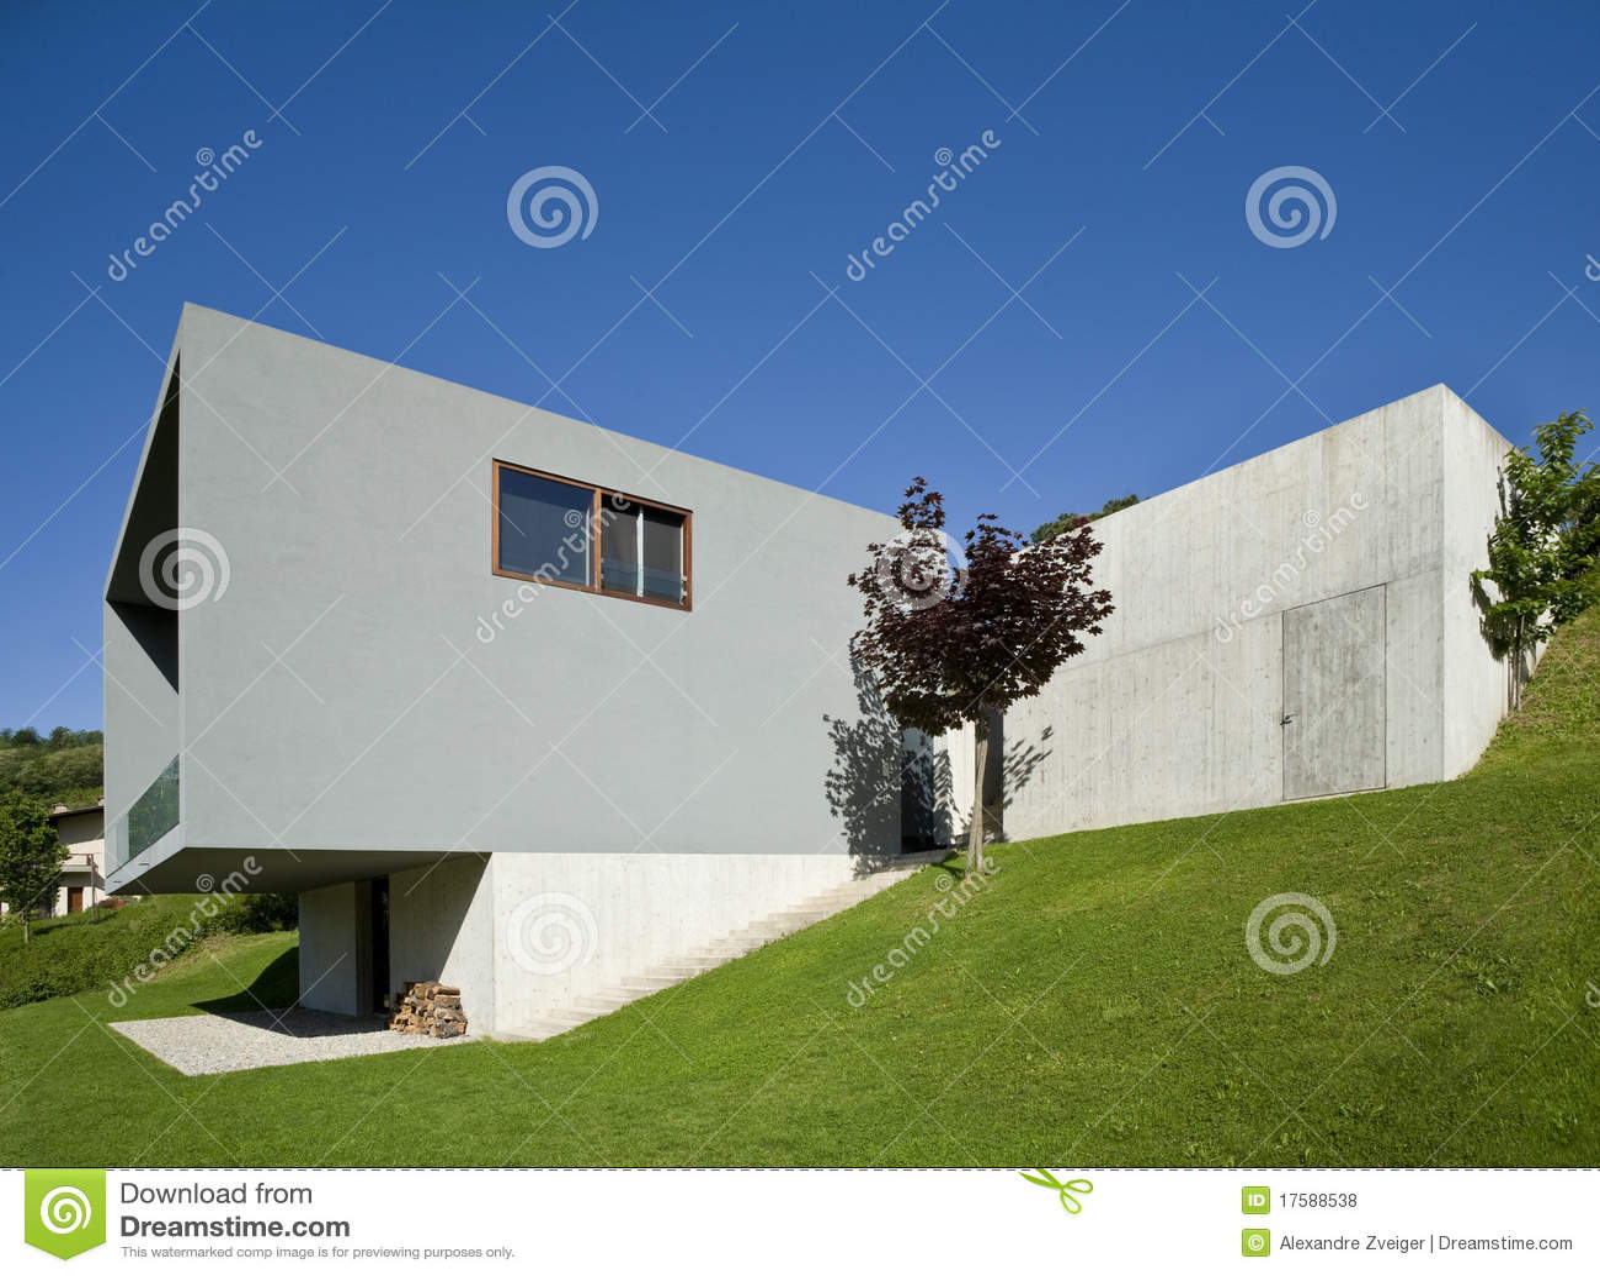 Belle maison moderne photos libres de droits image 17588538 - Belle maison moderne ...